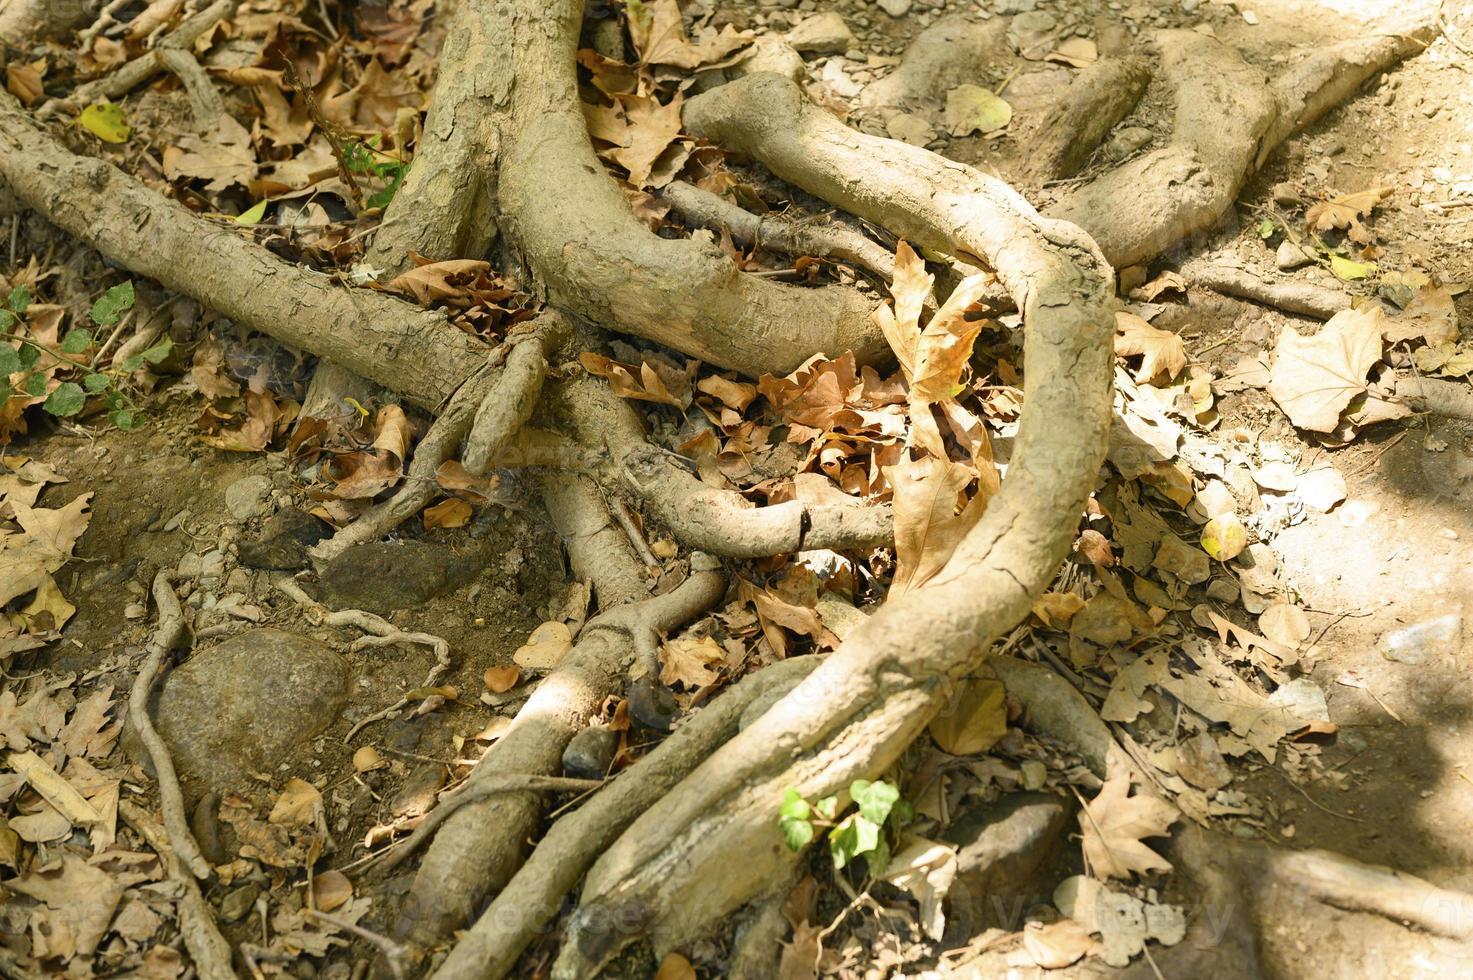 radici nude degli alberi che sporgono dal terreno nelle scogliere rocciose in autunno foto